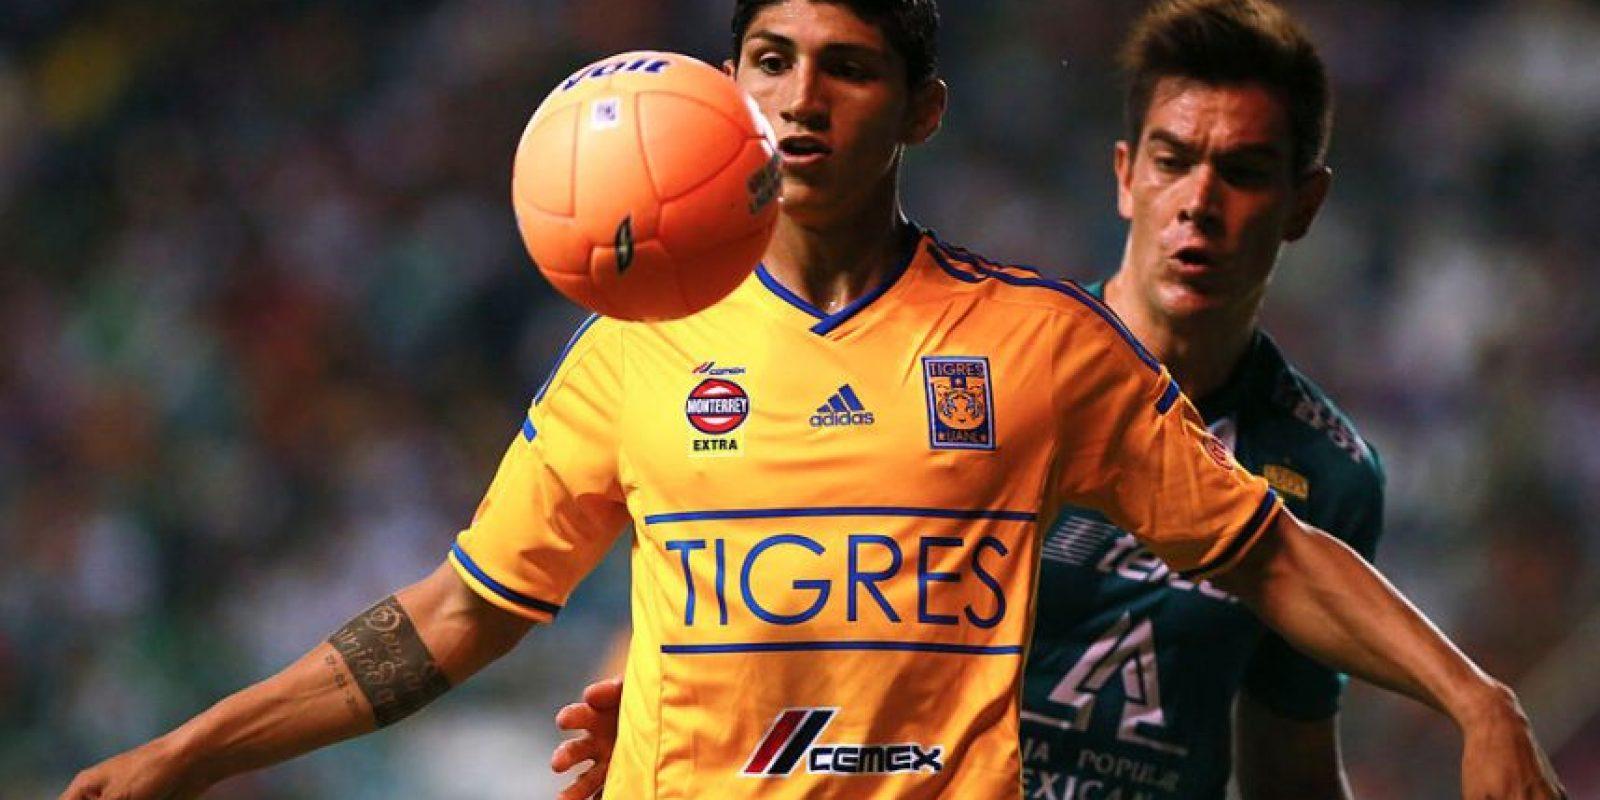 Fichaje de Pulido a Chivas se haría oficial el viernes Foto:Getty Images